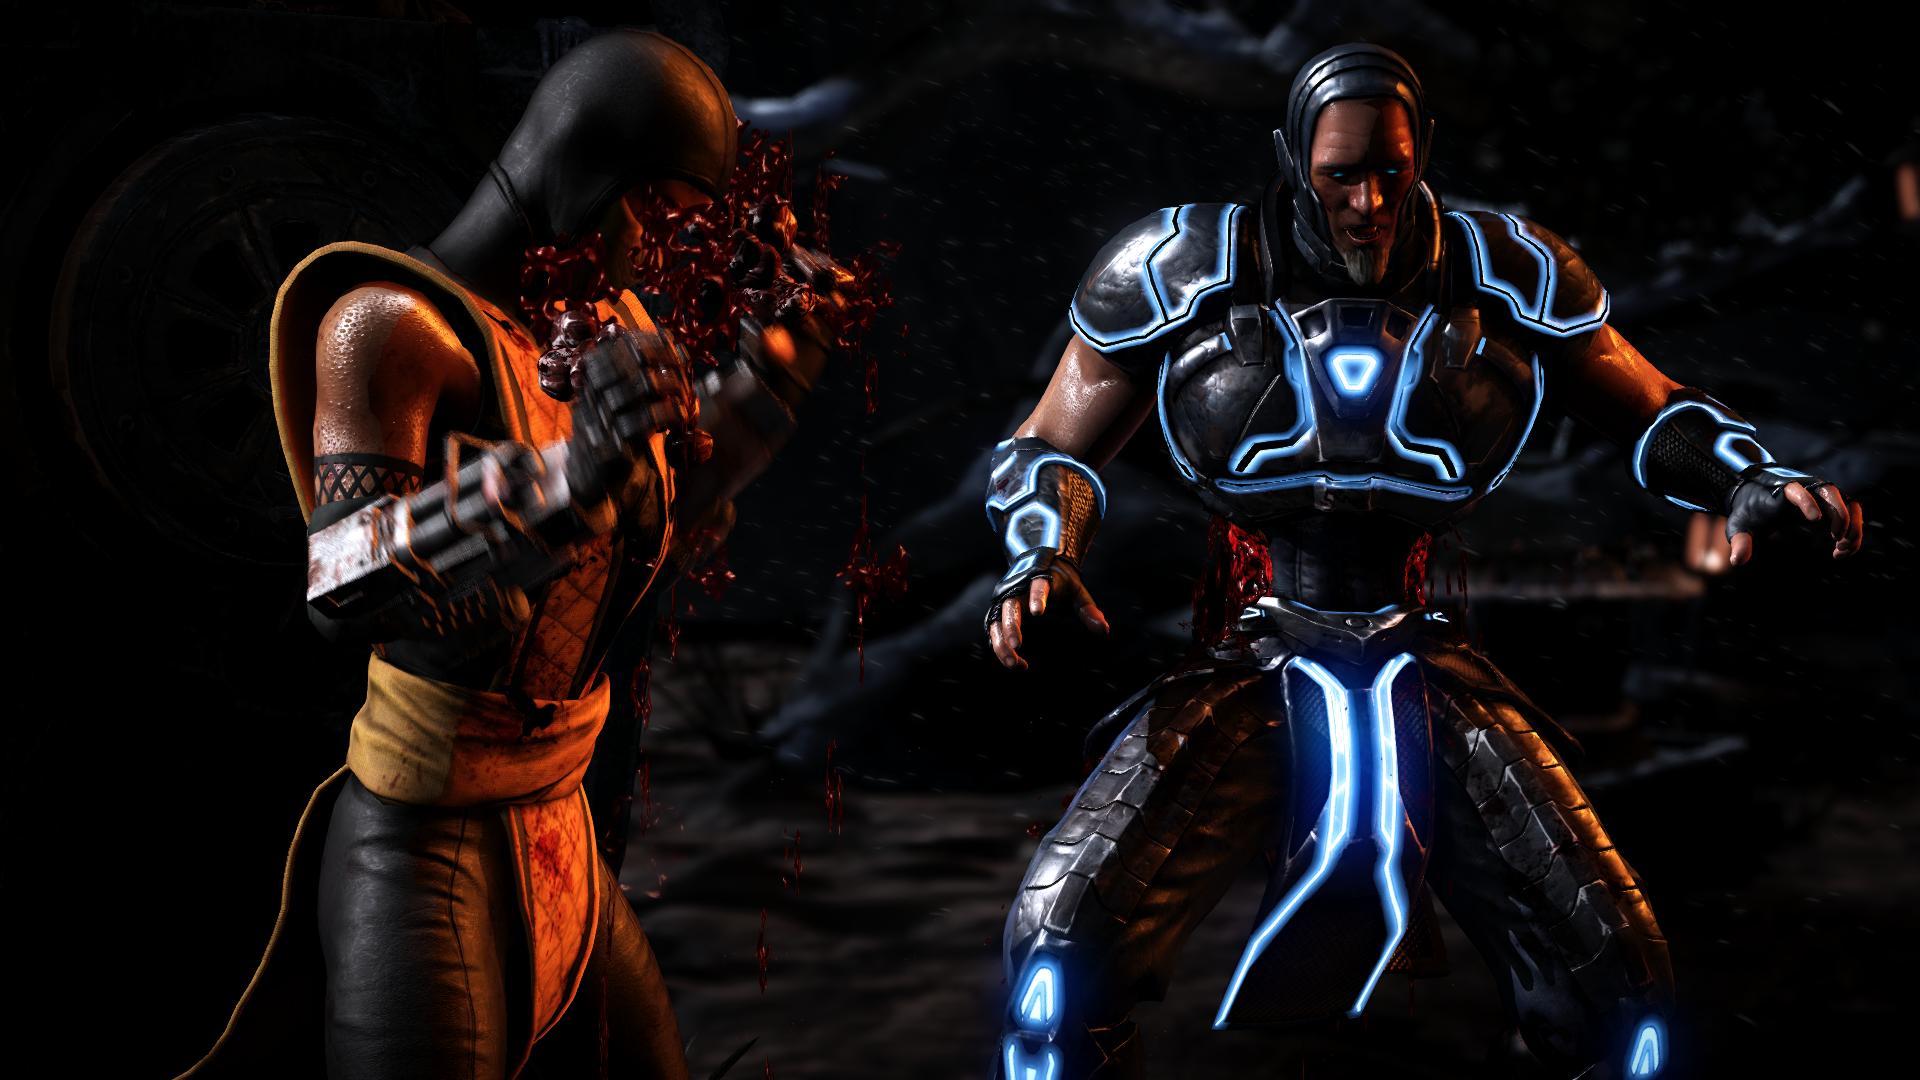 mk10 2017-09-13 14-25-16.png - Mortal Kombat X